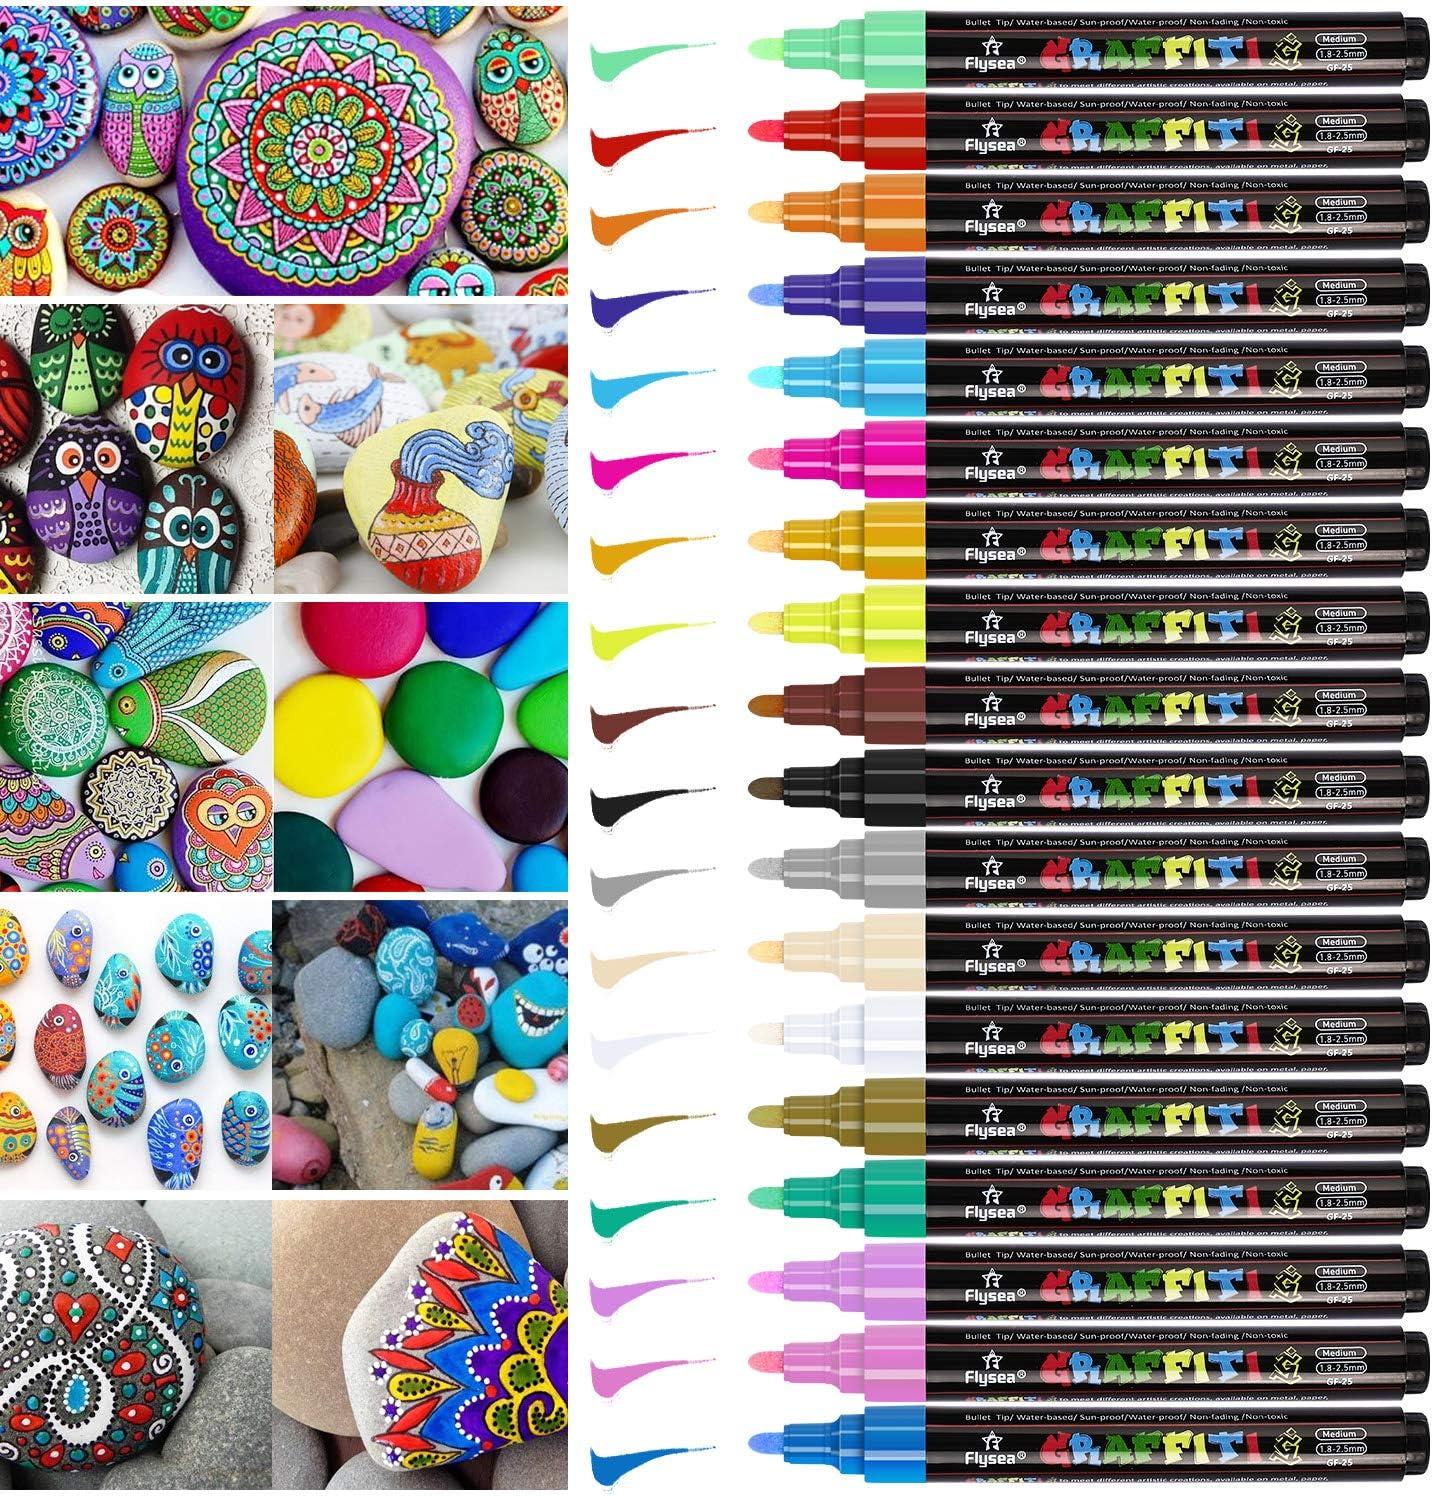 Rotuladores Metálicos, Emooqi Marker Pen Rotuladores de Colores 18 Multicolor Marcador Pens, para en Cualquier Superficie, Fabricación de Tarjetas y Álbum de Fotos de Bricolaje,Pascua de Resurrección